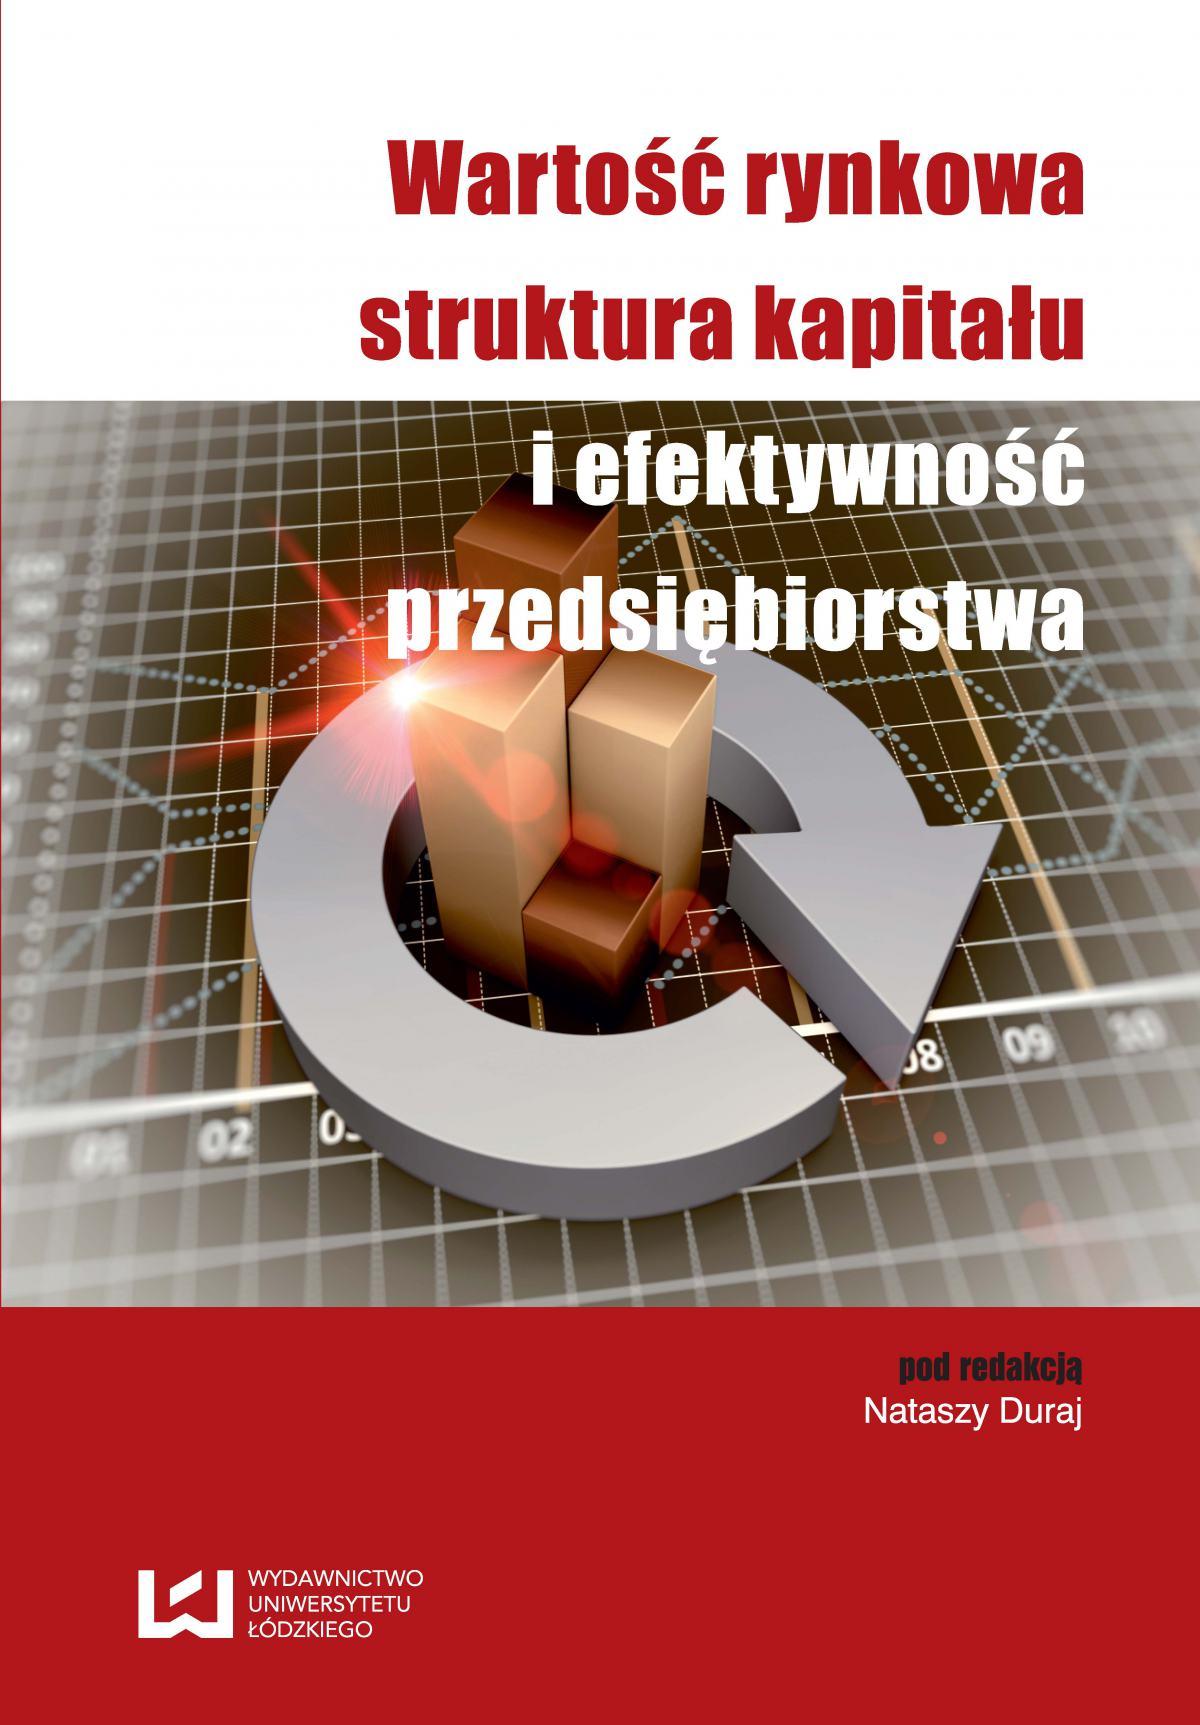 Wartość rynkowa, struktura kapitału i efektywność przedsiębiorstwa - Ebook (Książka PDF) do pobrania w formacie PDF